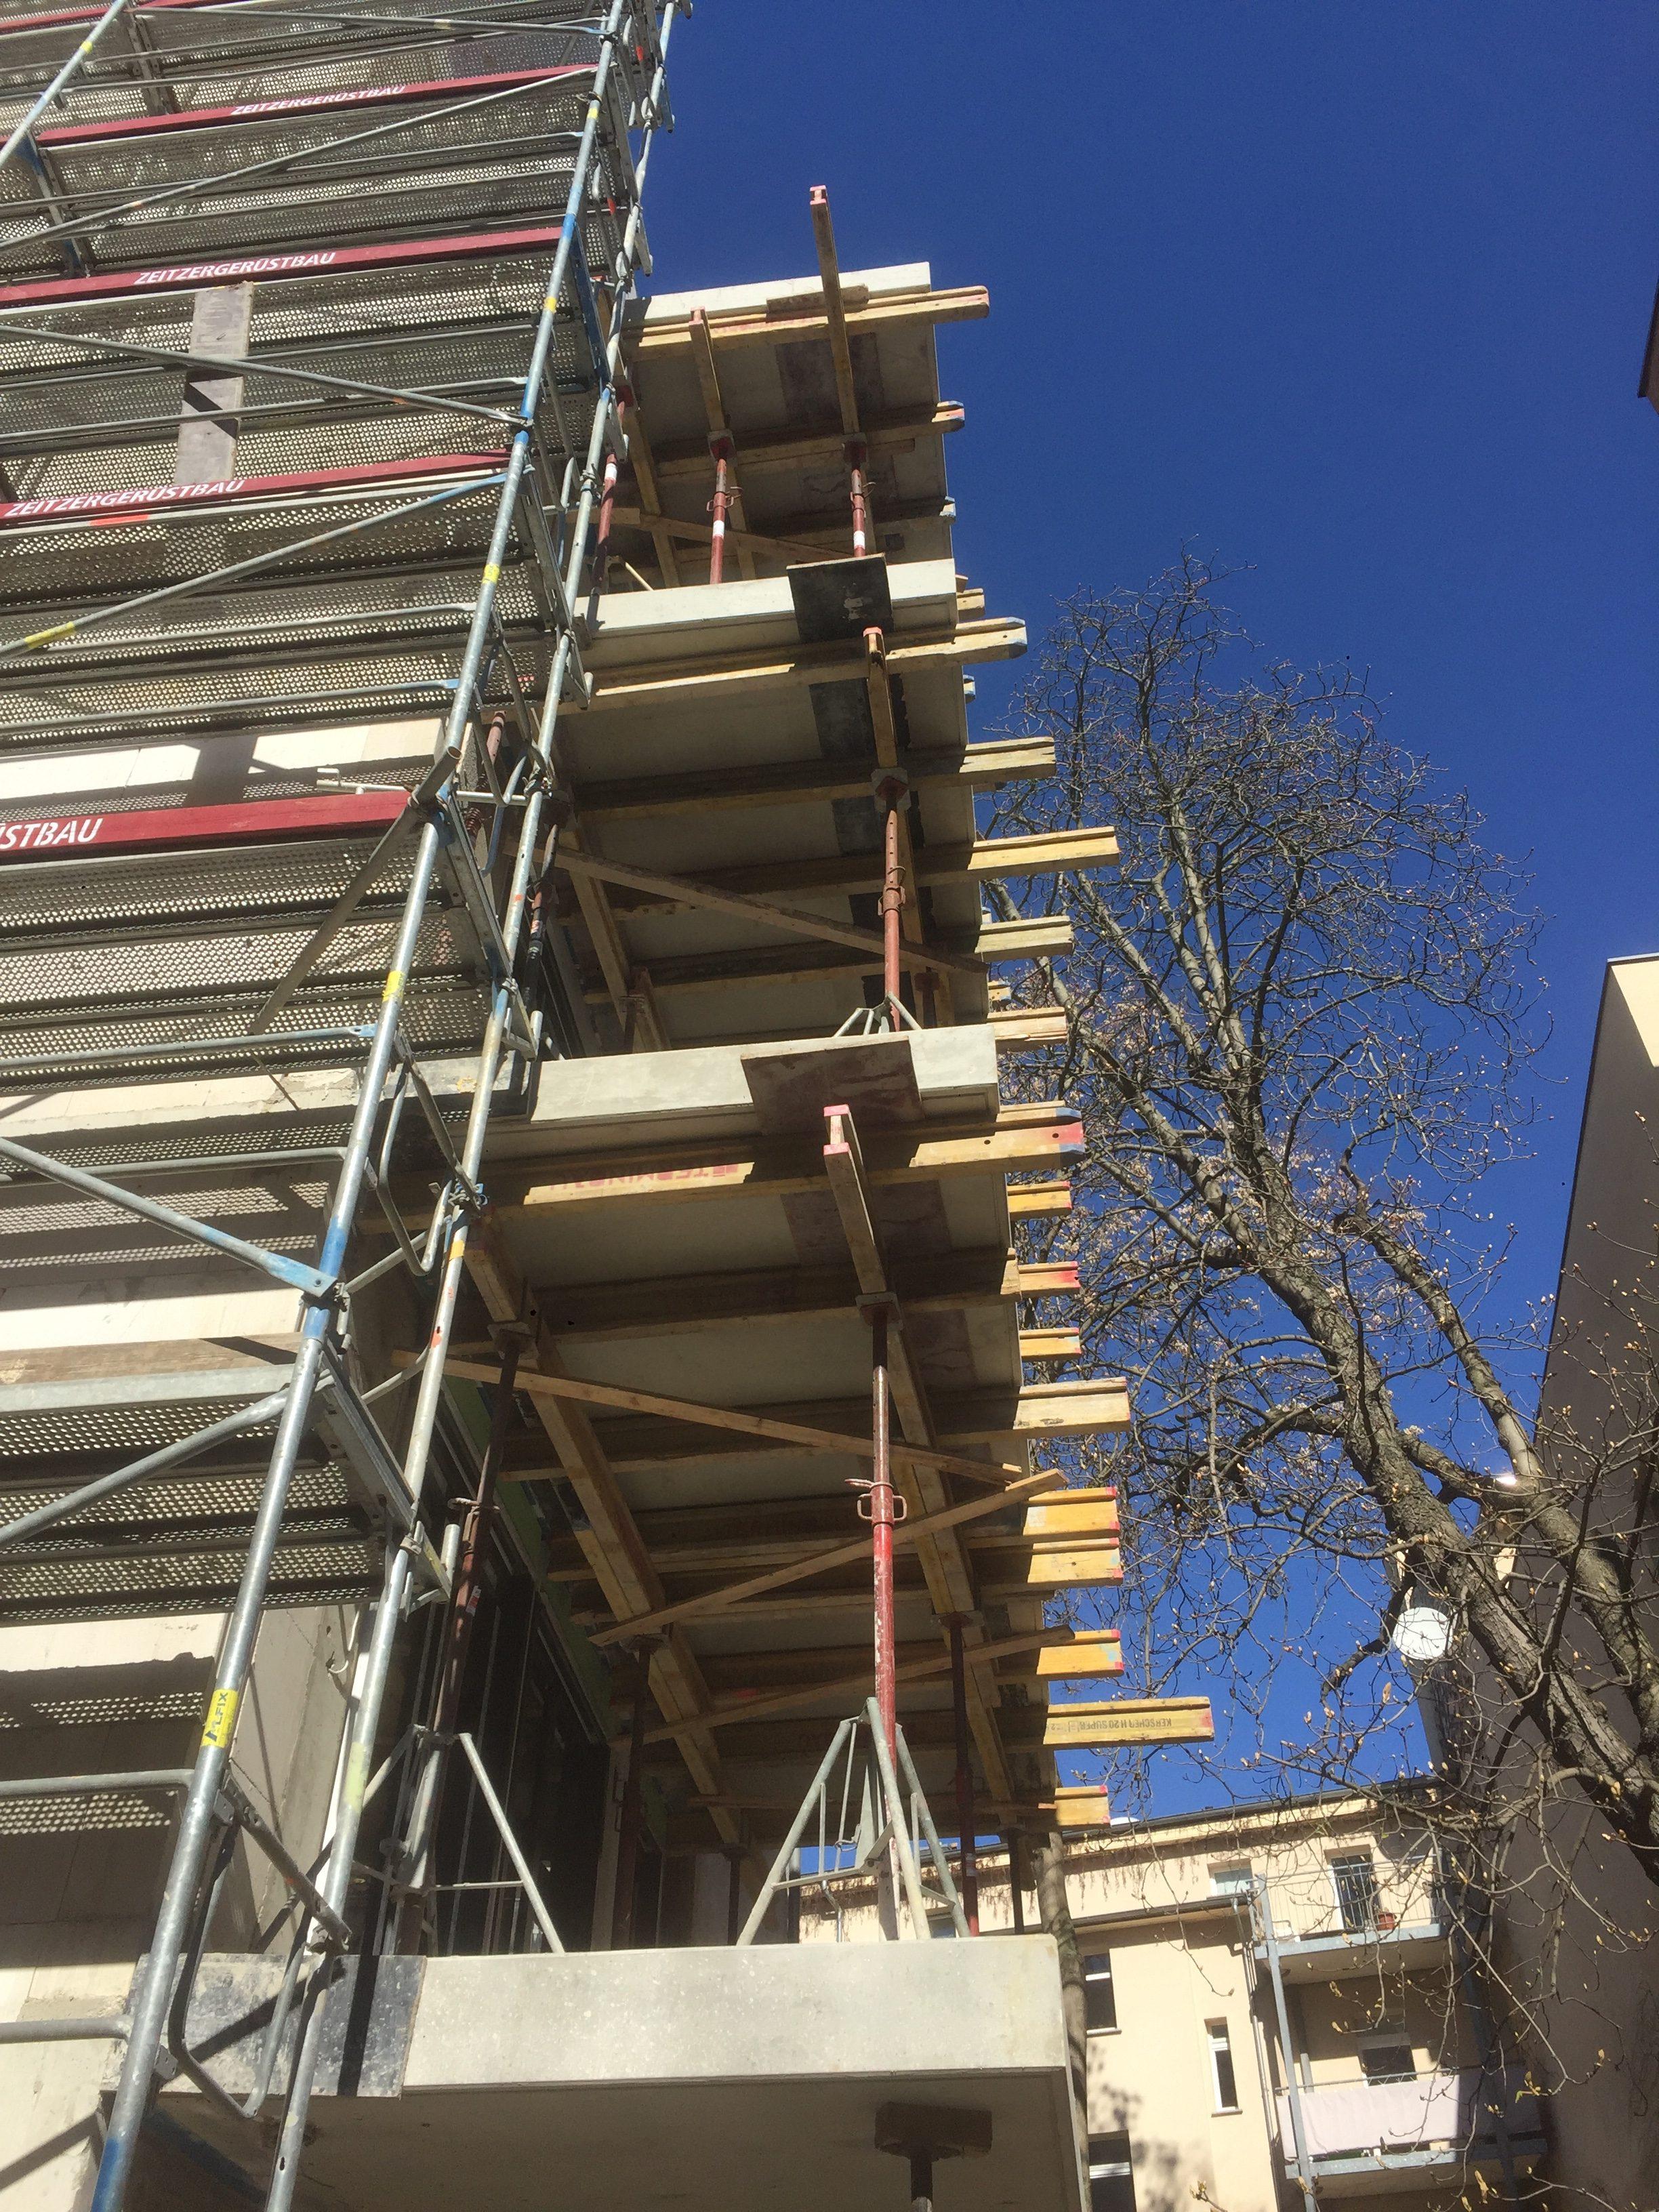 Bauunternehmen in Leipzig - Bauen ist Vertrauen, vertrauen Sie dem Profi...